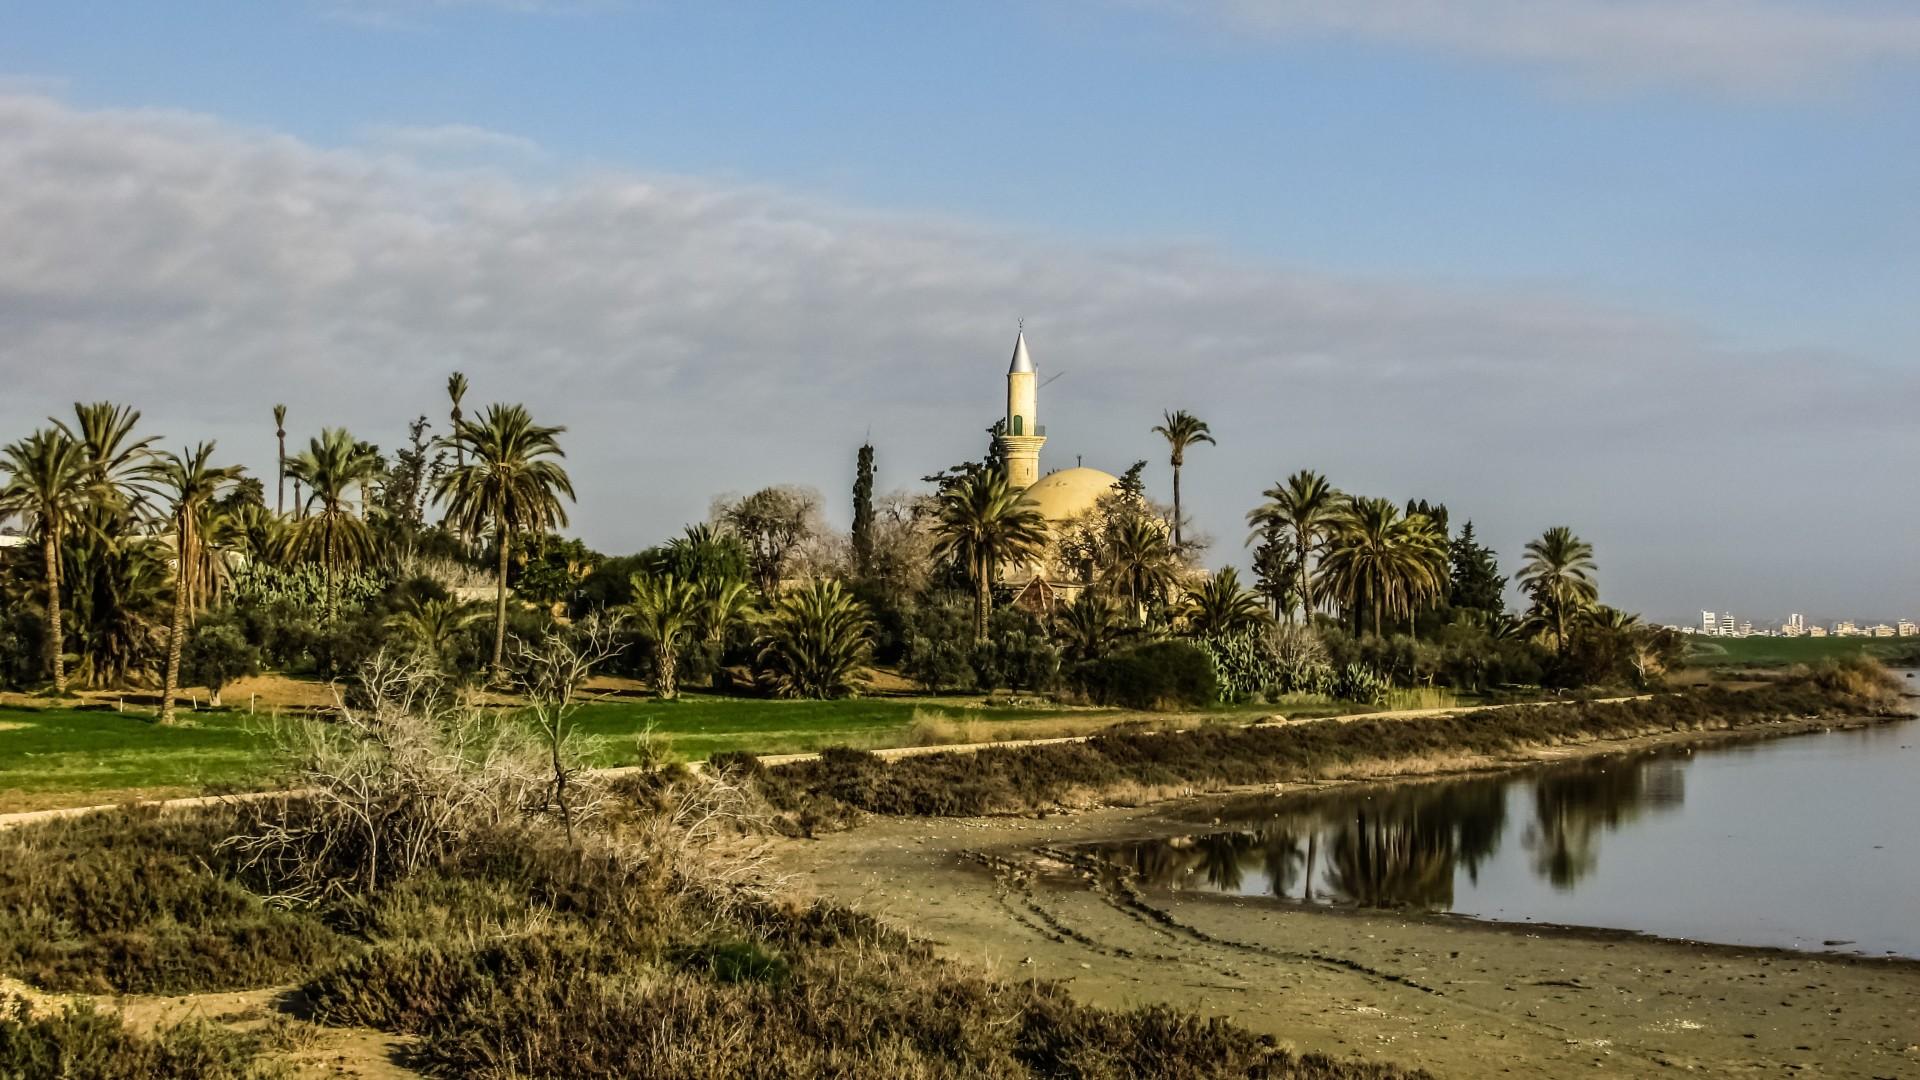 Hala Sultan Tekke moskee bij zoutmeer Larnaca, Cyprus